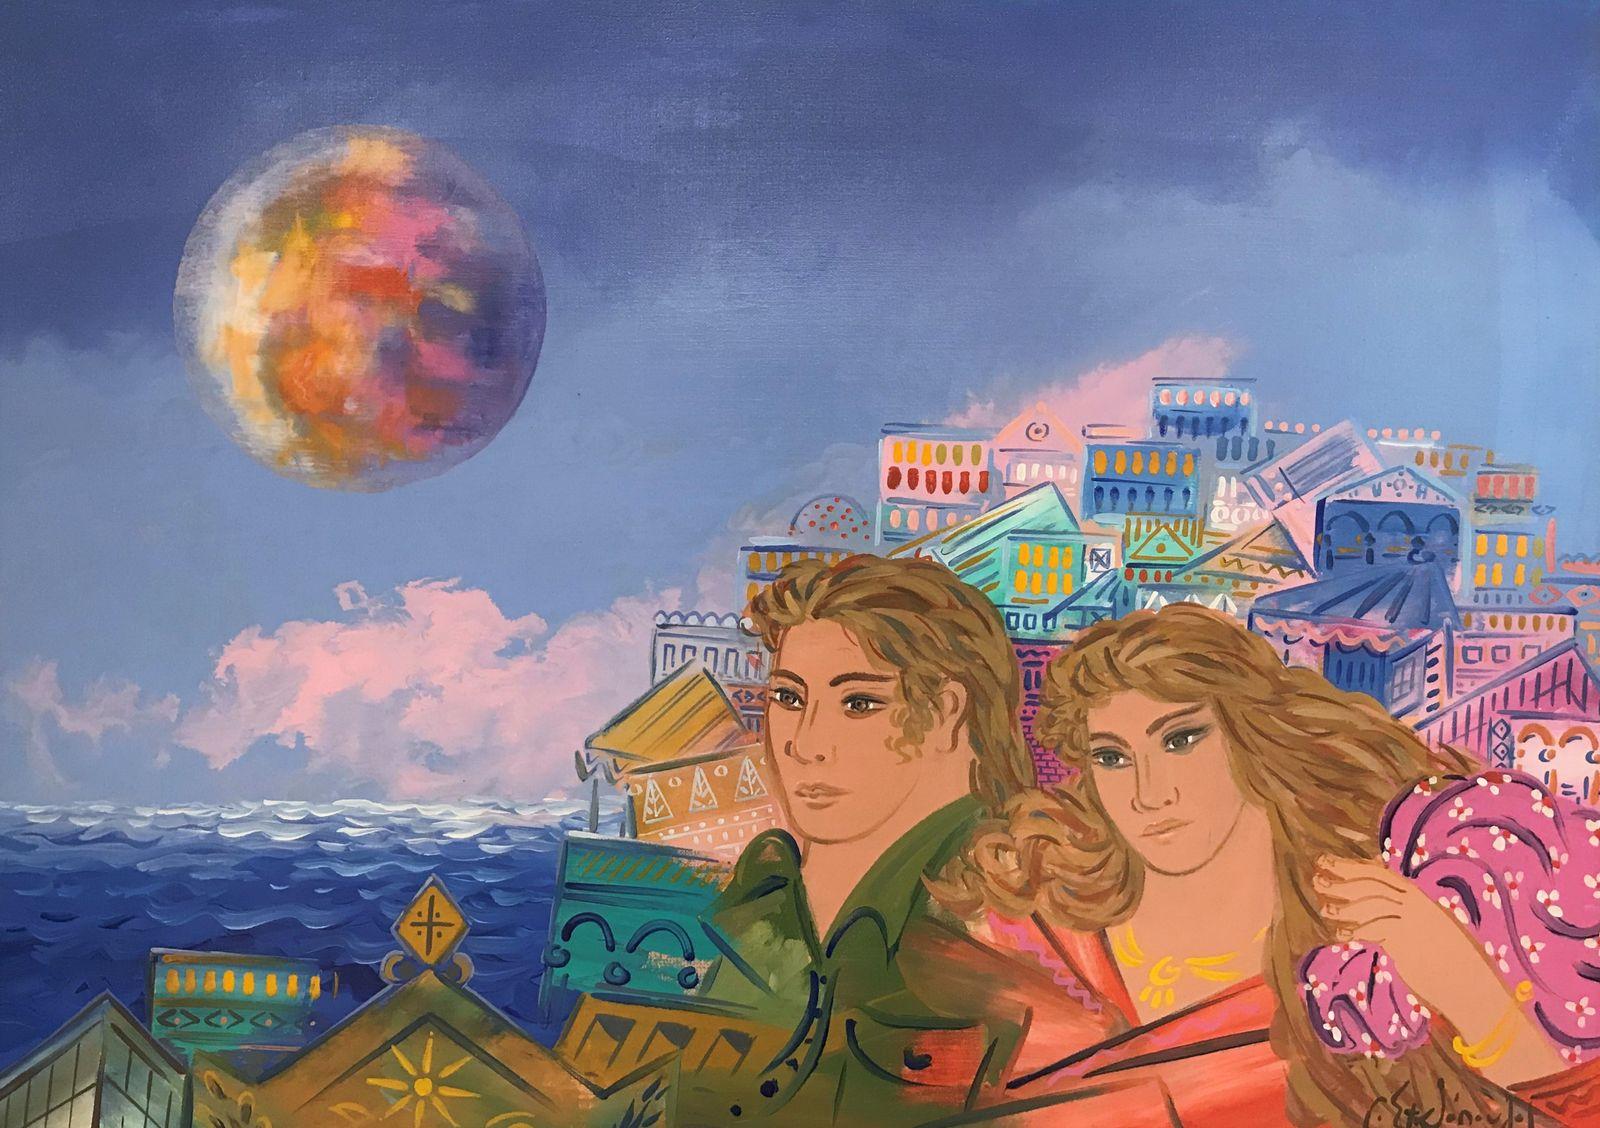 Γιώργος Σταθόπουλος 70×100 εκ. Ακρυλικά σε καμβά Giorgos Stathopoulos 70×100 cm Acrylics on canvas